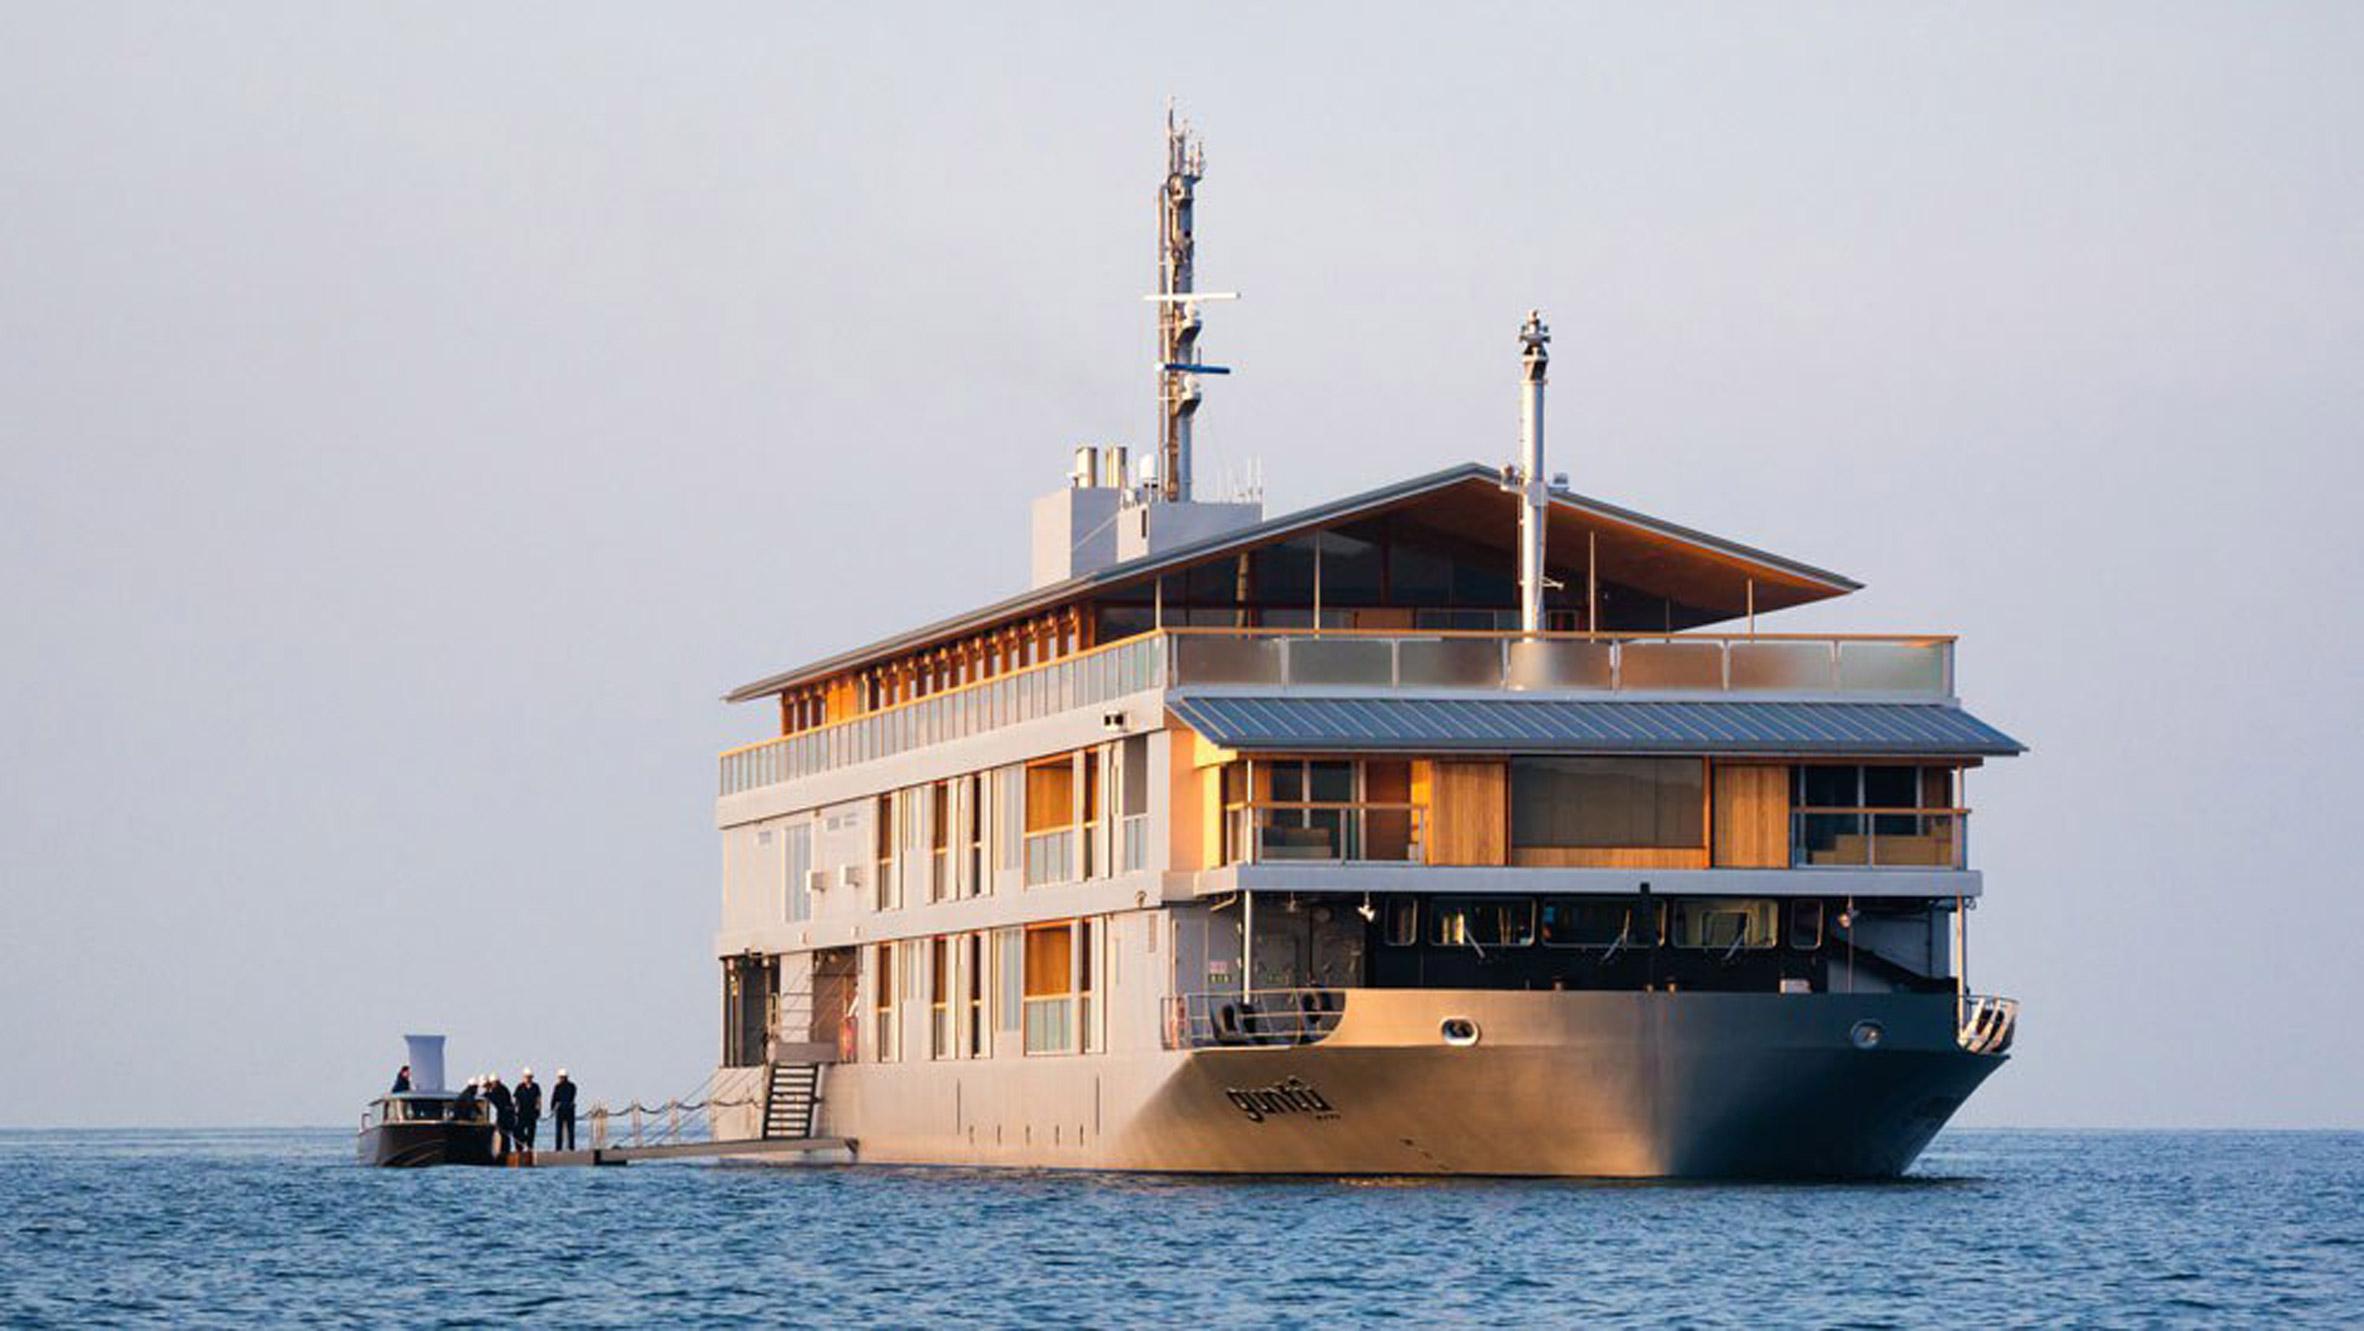 Guntû hotel aboard a ship in Japan's Seto Inland Sea